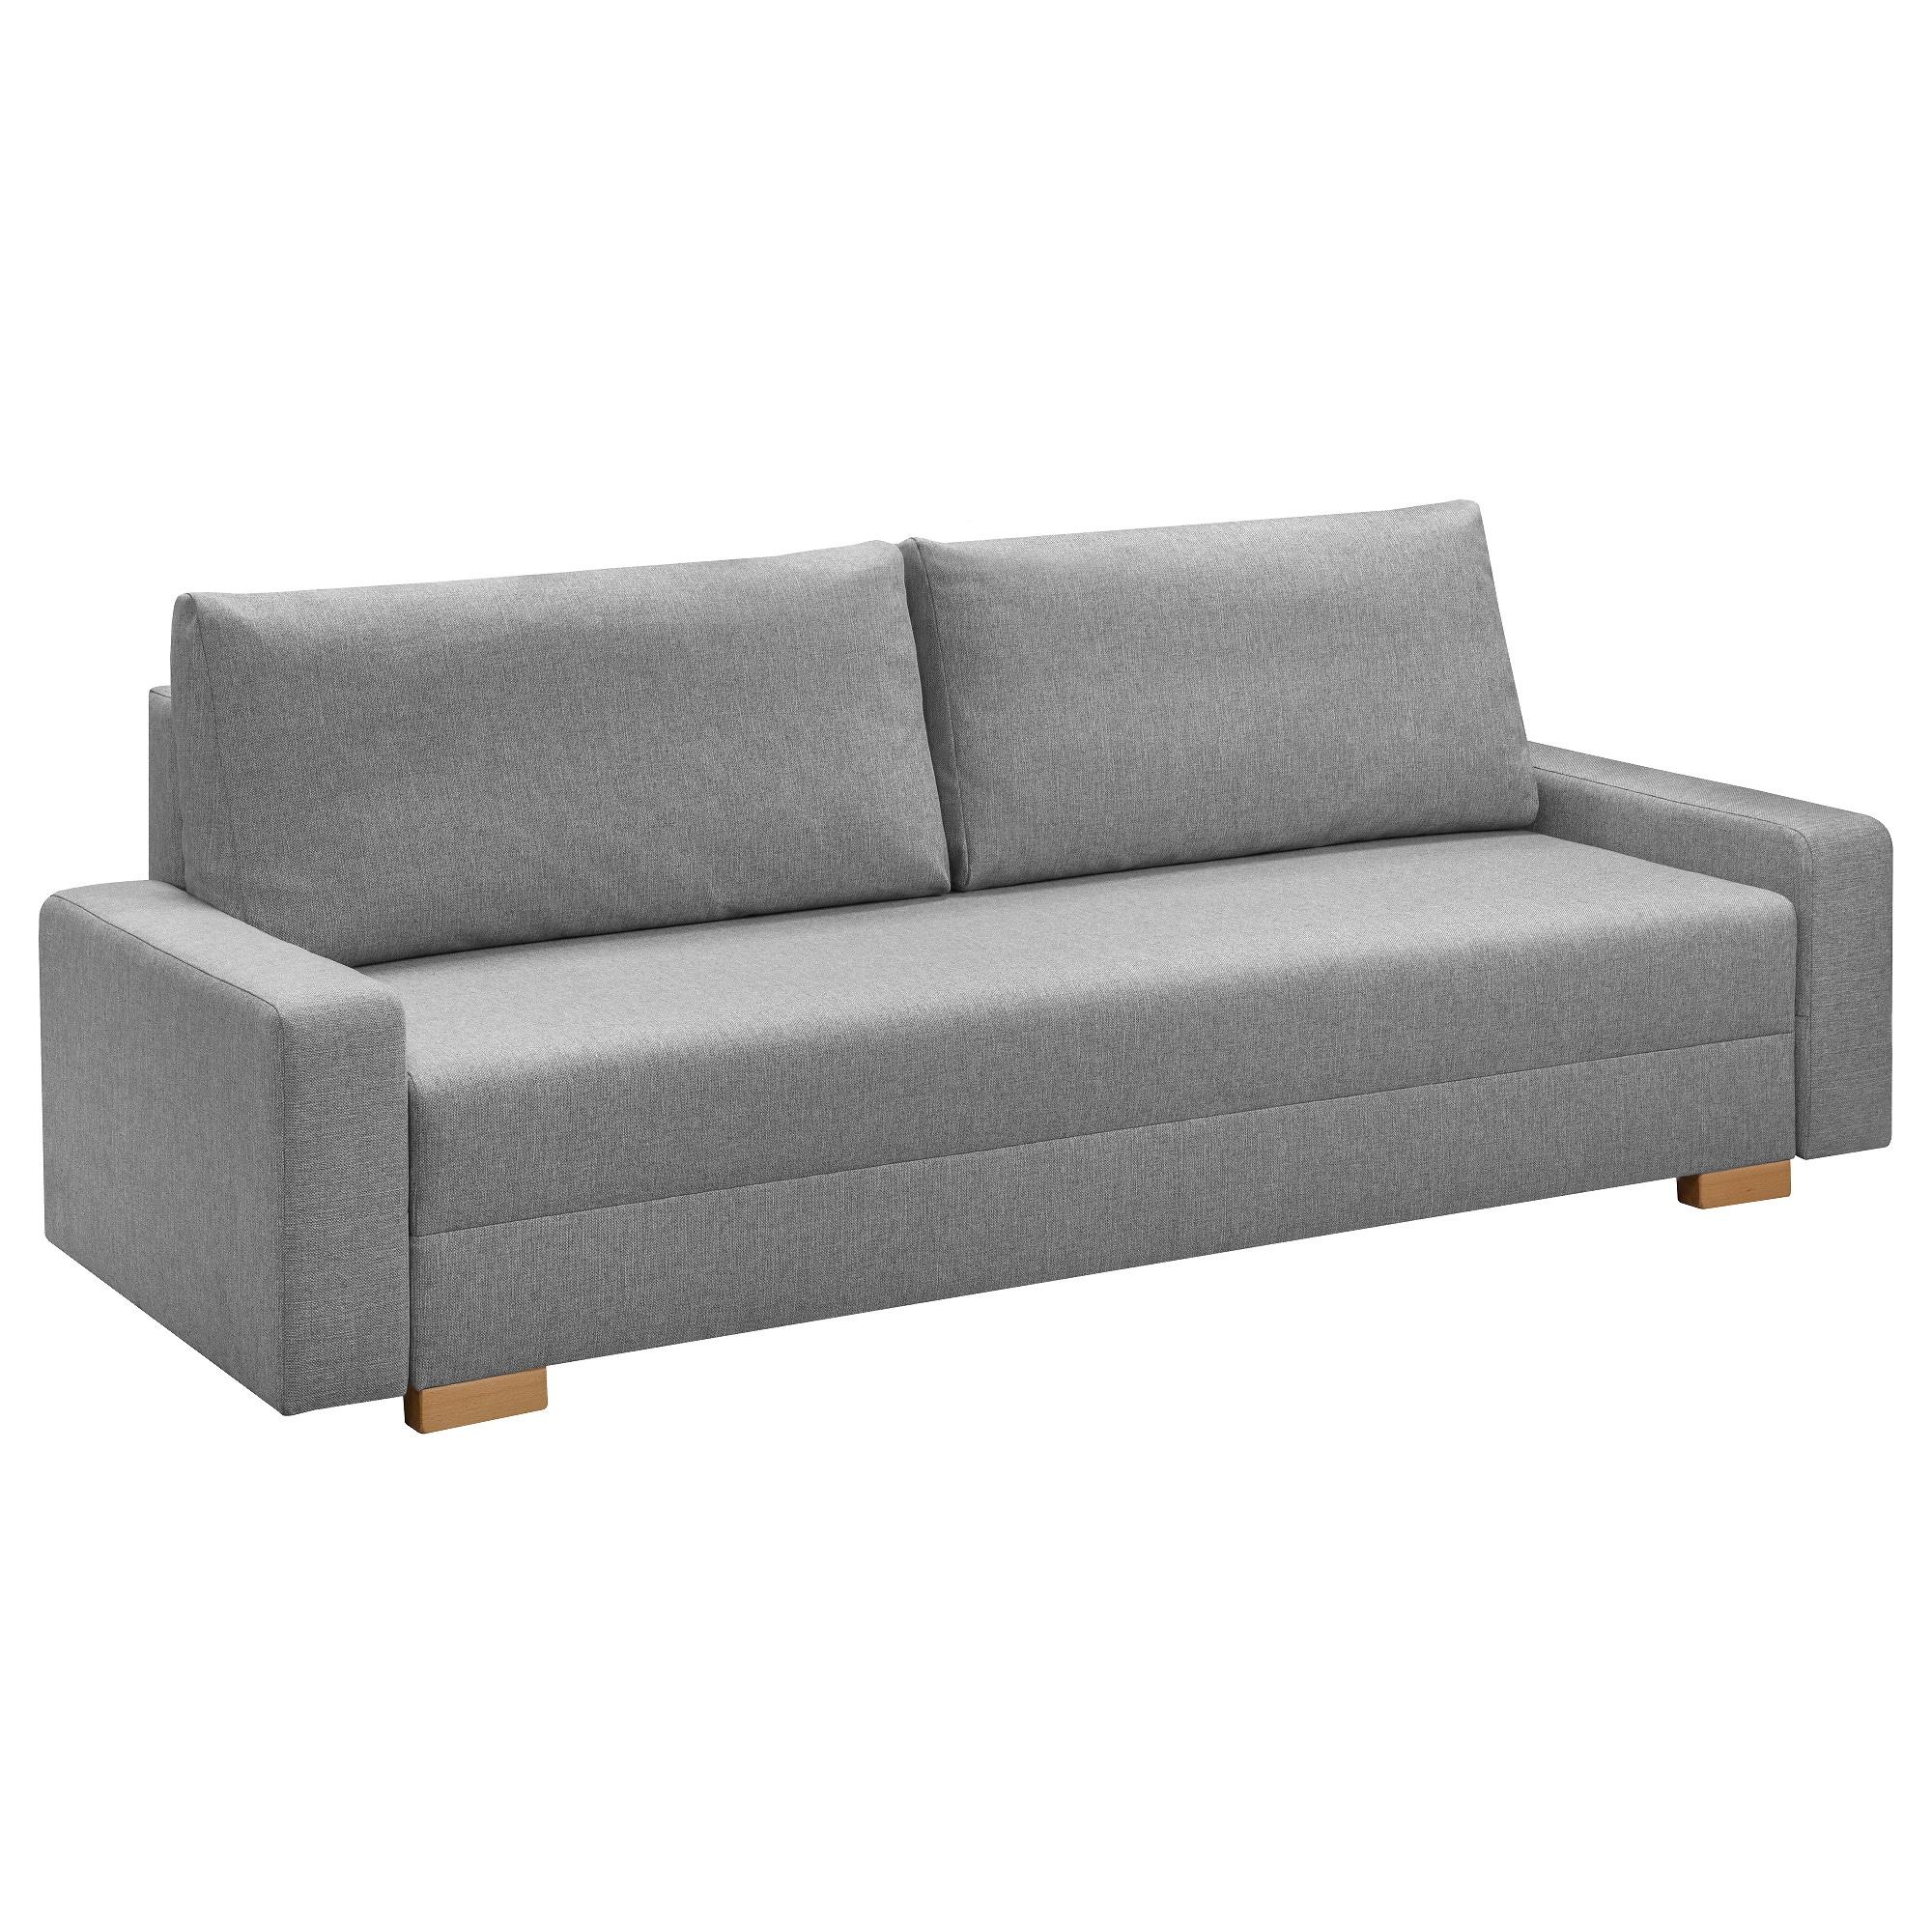 Sofa Cama Desplegable S5d8 sofà S Cama De Calidad Pra Online Ikea